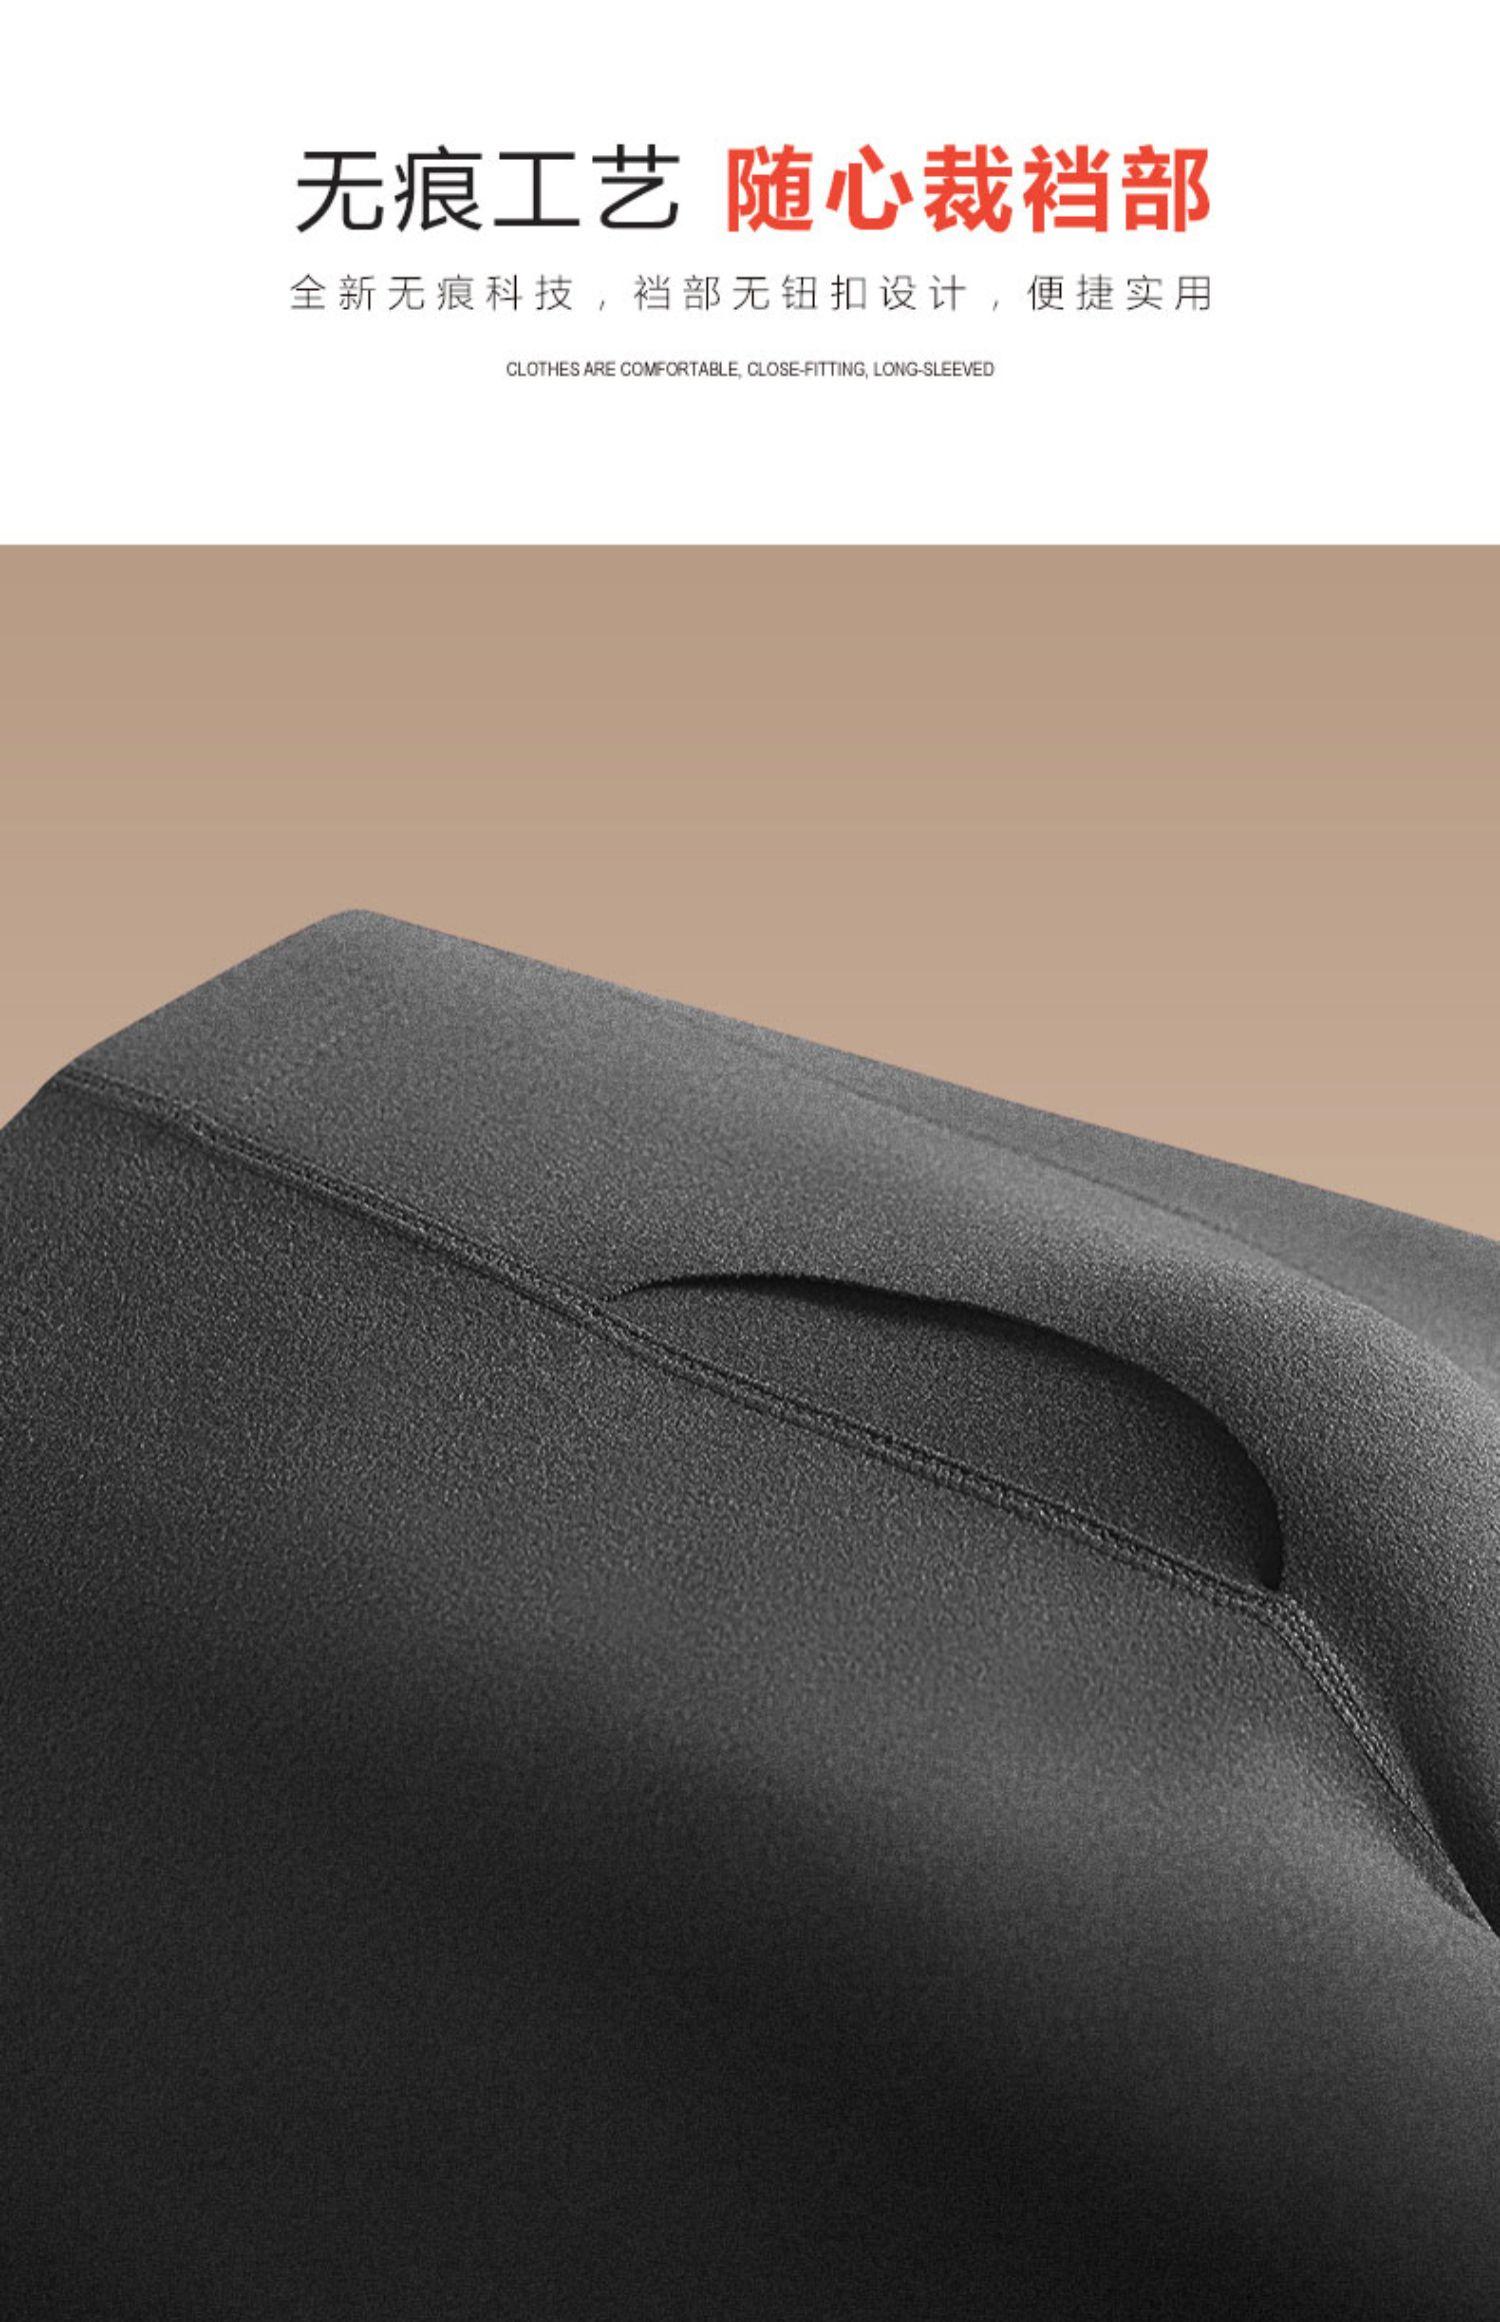 波司登旗下,商场同款,290高克重,无痕自发热:2件 雪中飞 男士 保暖秋裤打底裤 29元包邮,折合14.5元/条 买手党-买手聚集的地方